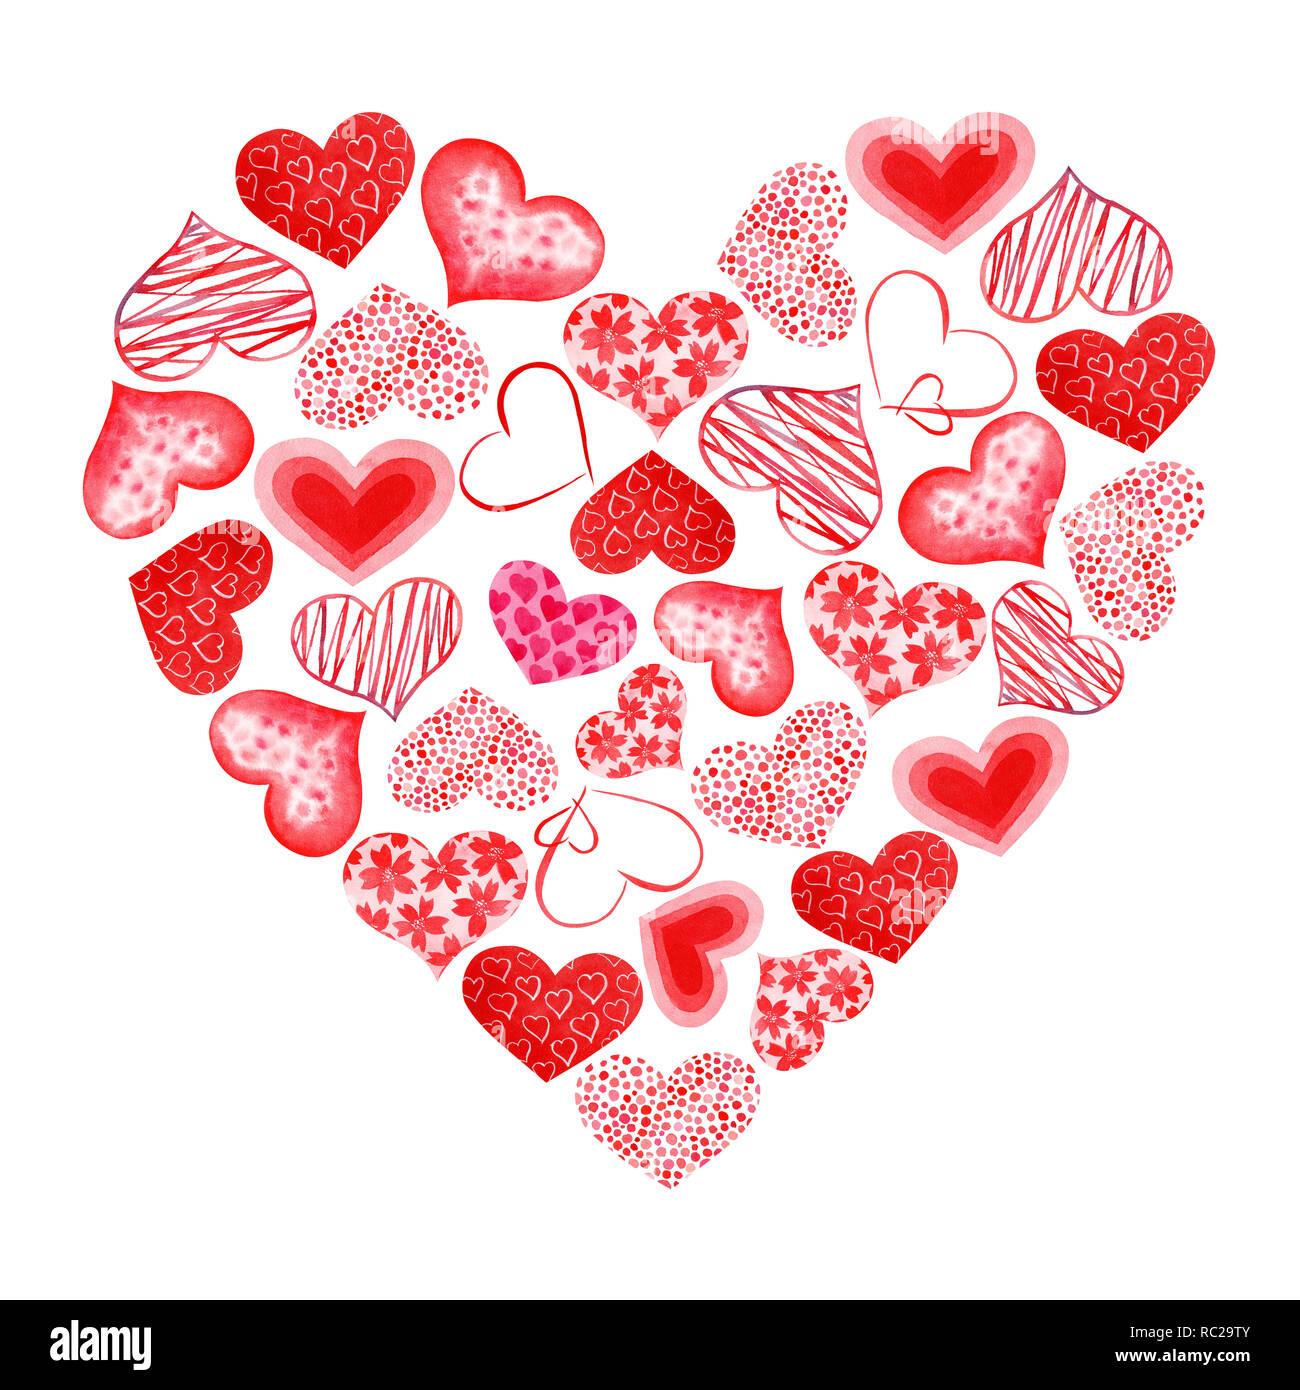 Aquarell Von Hand Bemalt Rotes Herz Symbol Der Liebe Isolierte